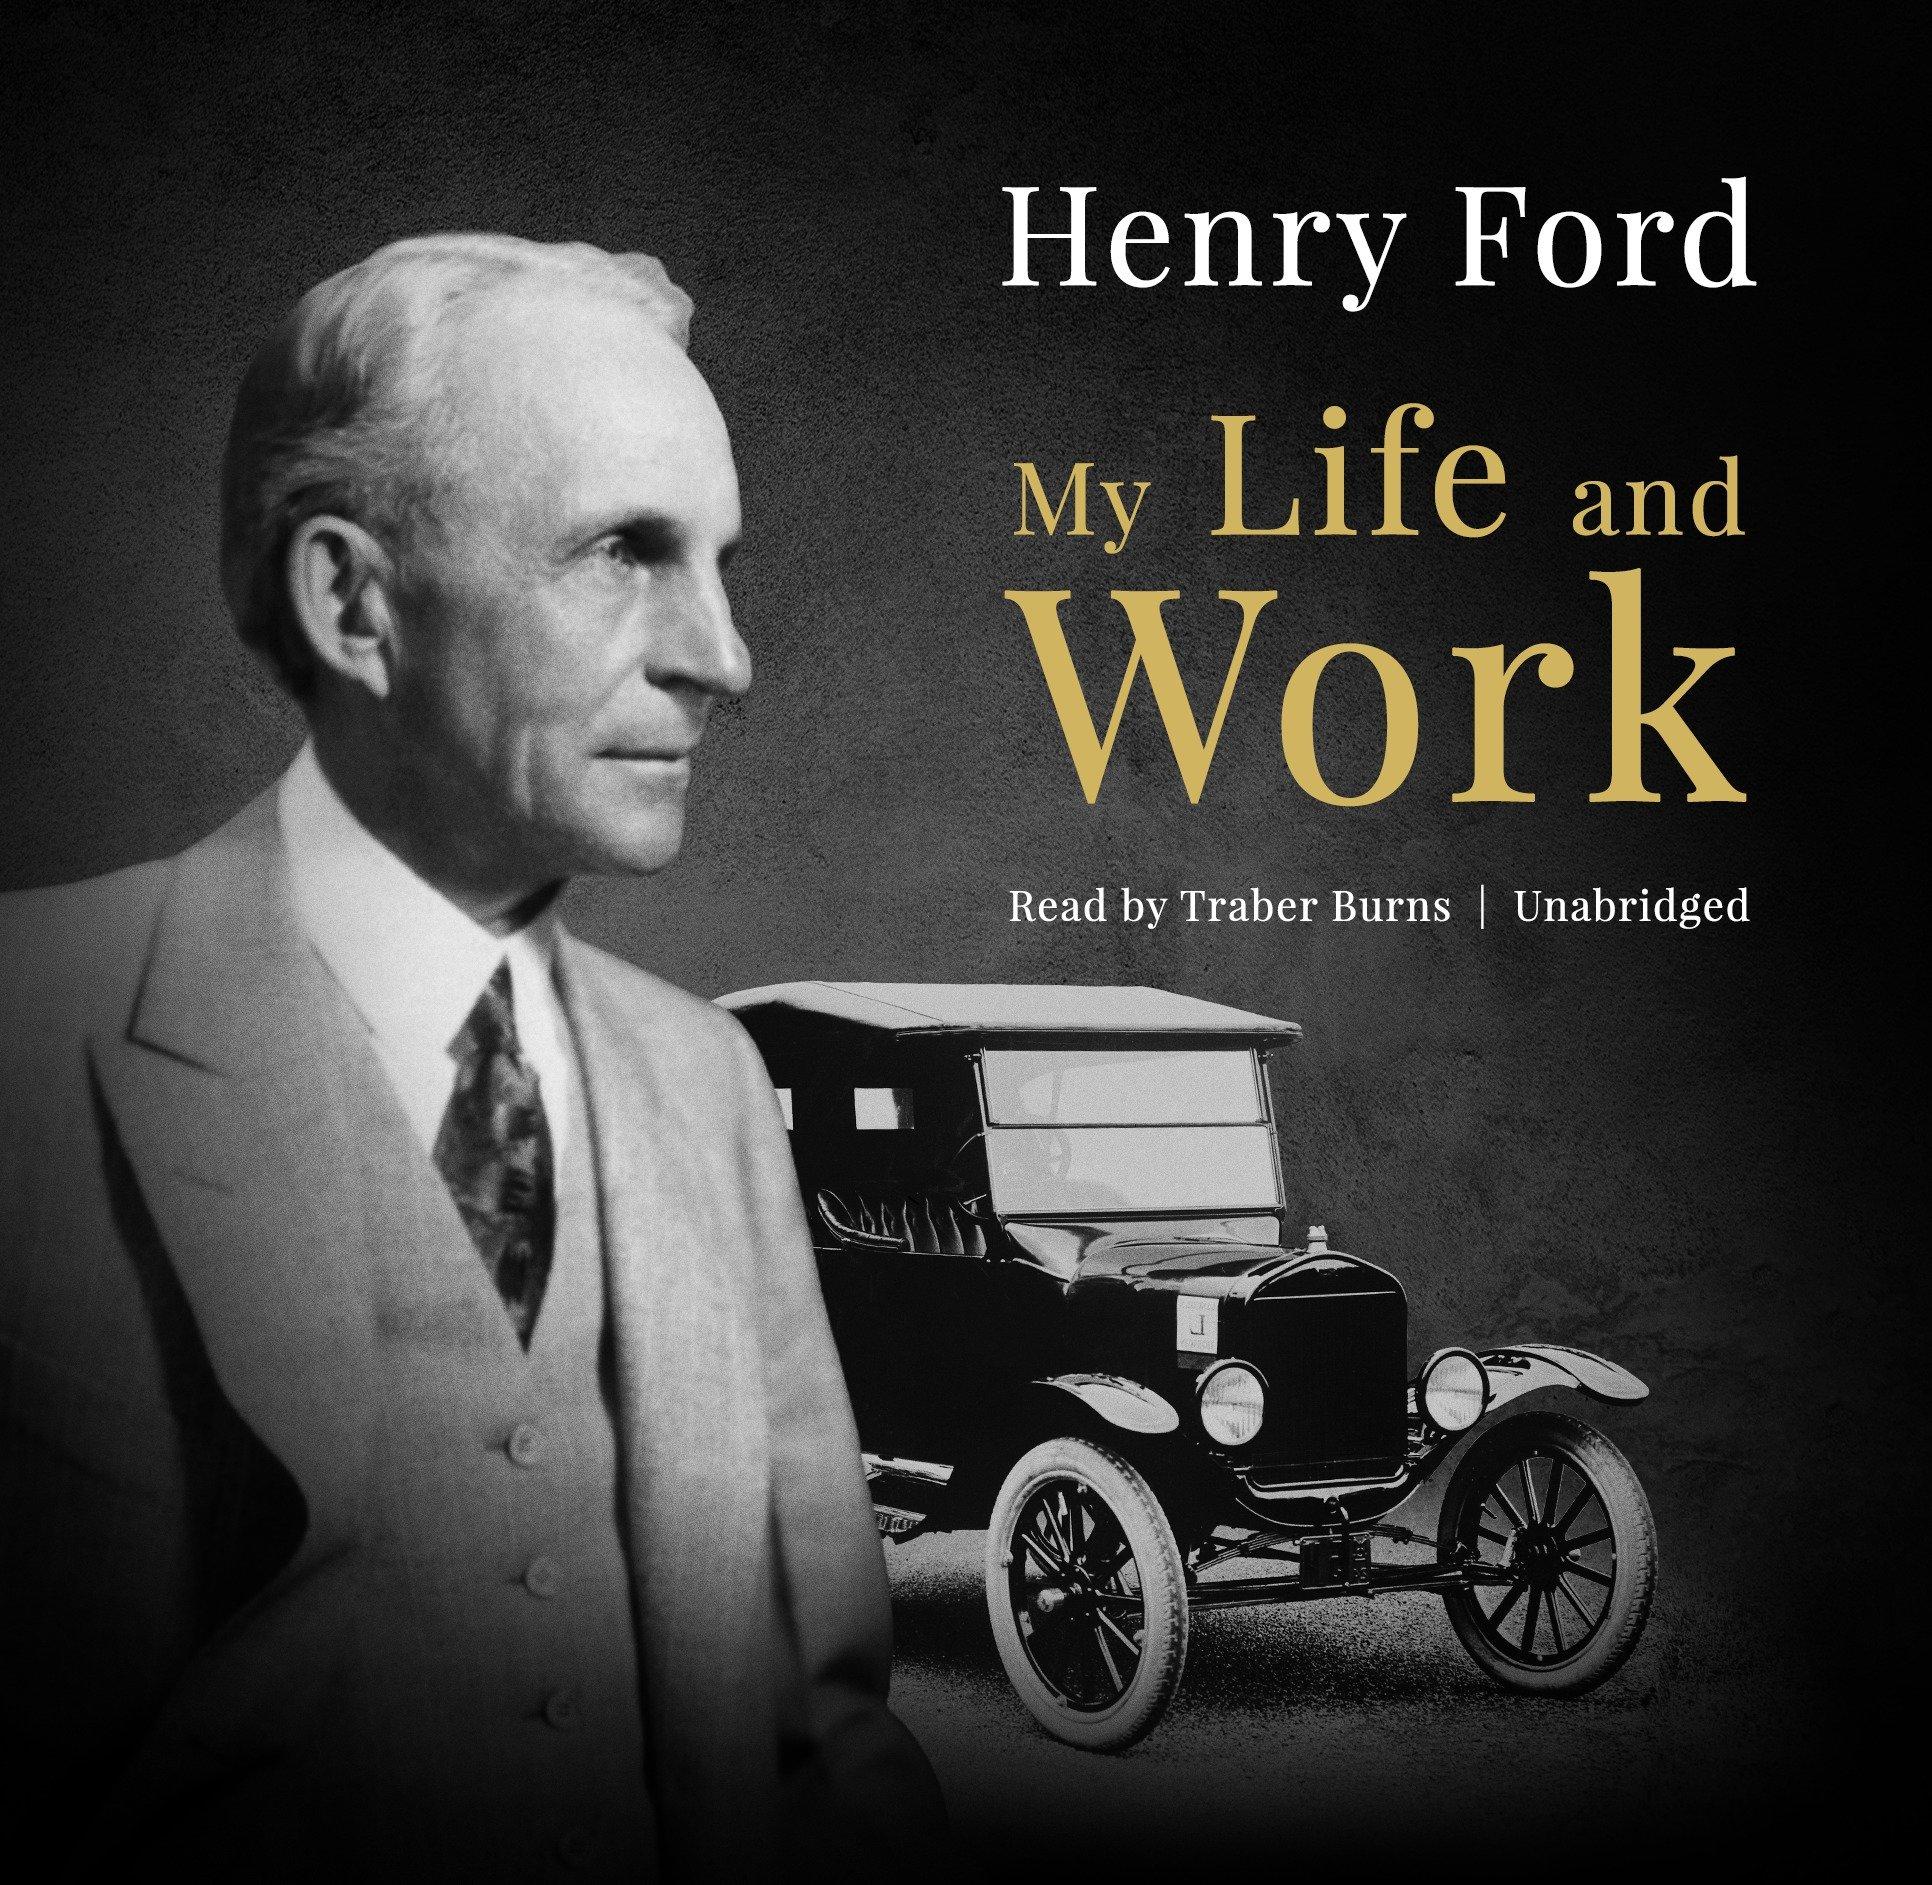 Pumnul în masă al lui Edison și soacra lui Ford care ne-au dat automobilul